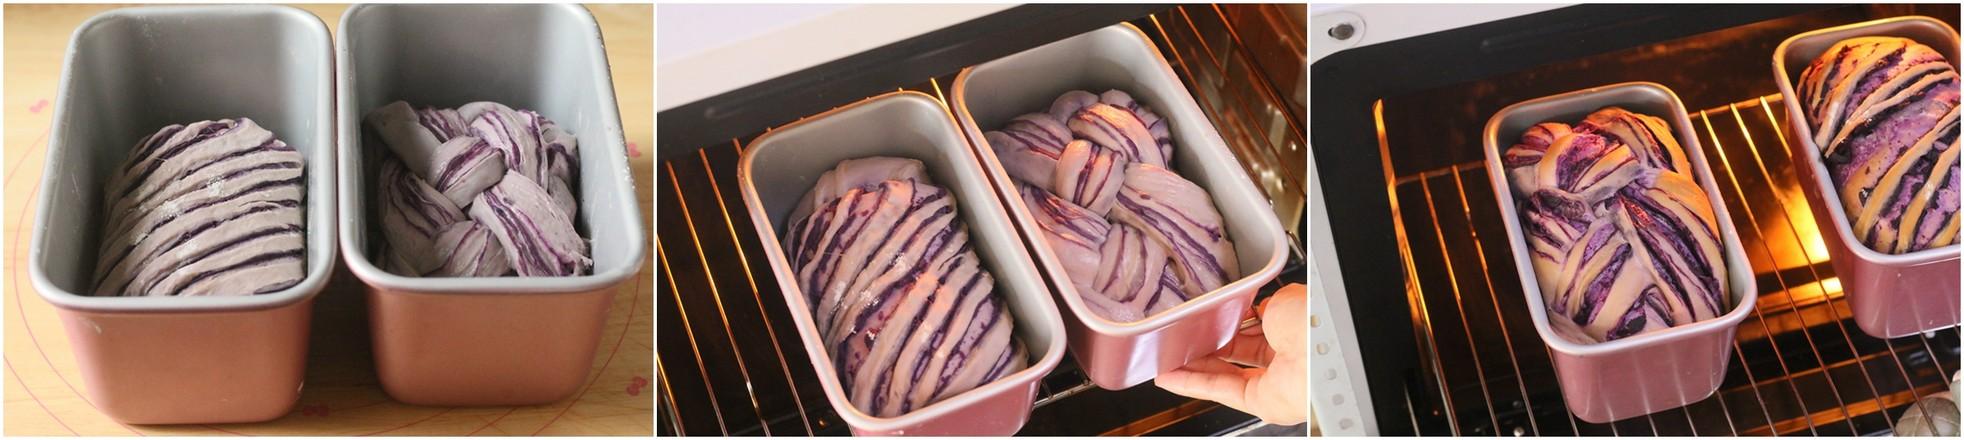 紫薯吐司怎么炒